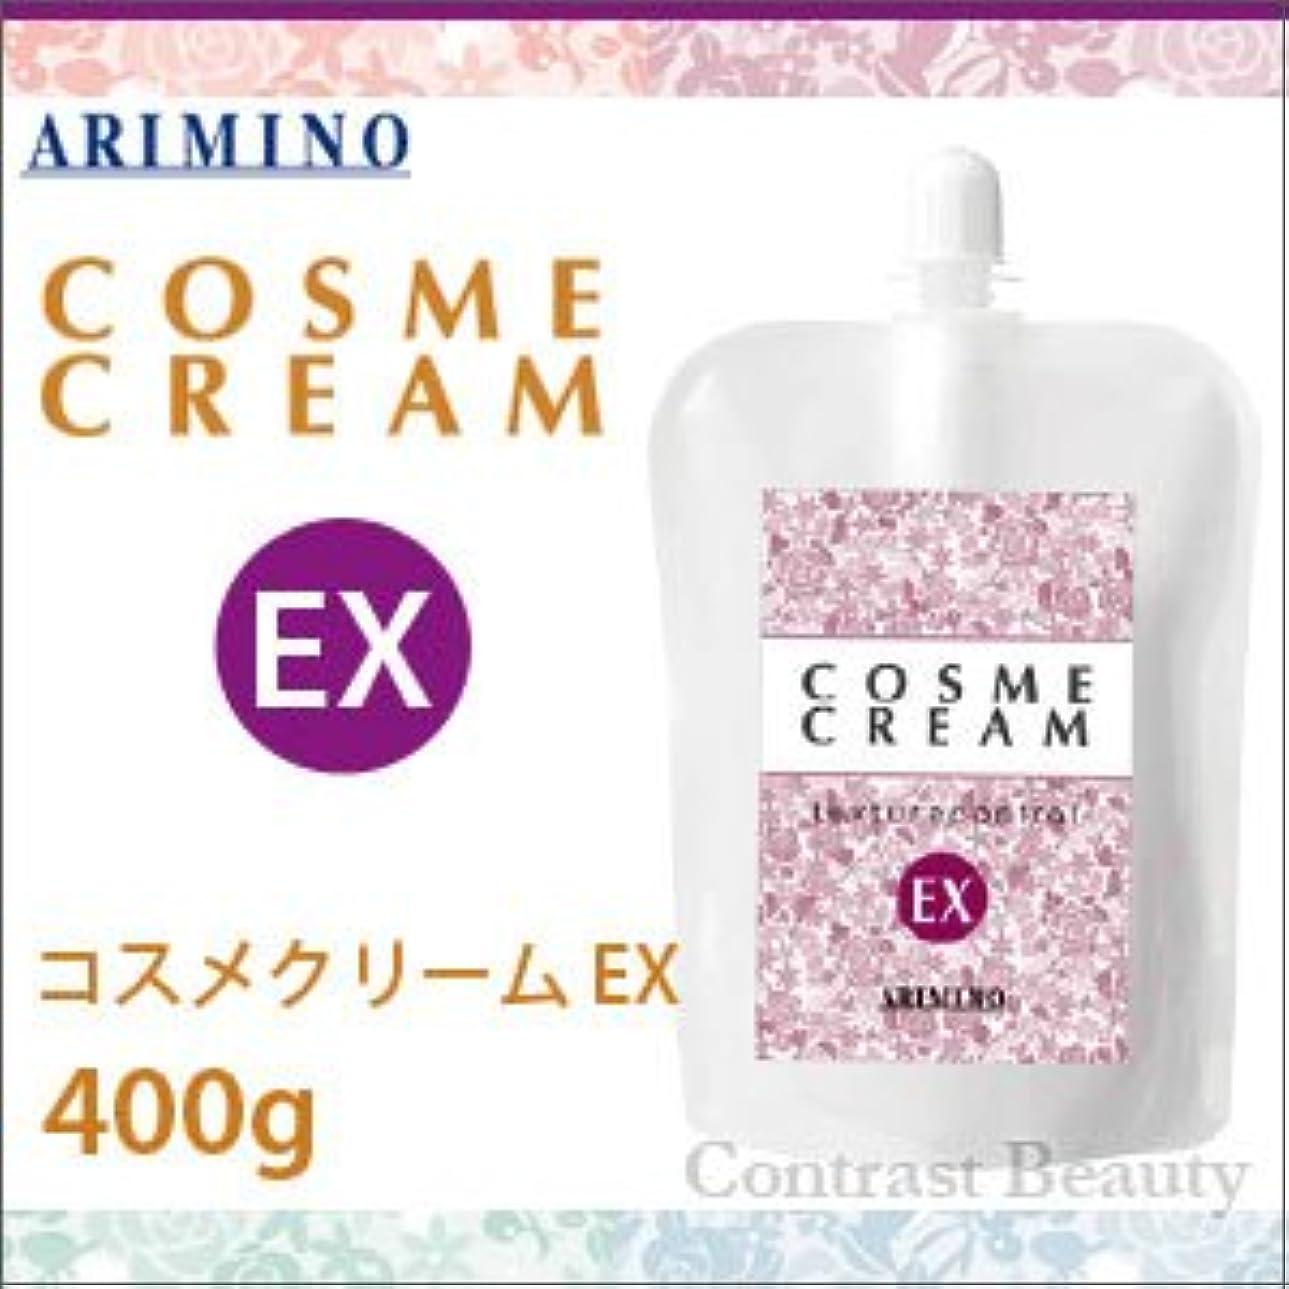 方法論聖書バース【X5個セット】 アリミノ コスメクリーム EX 400g